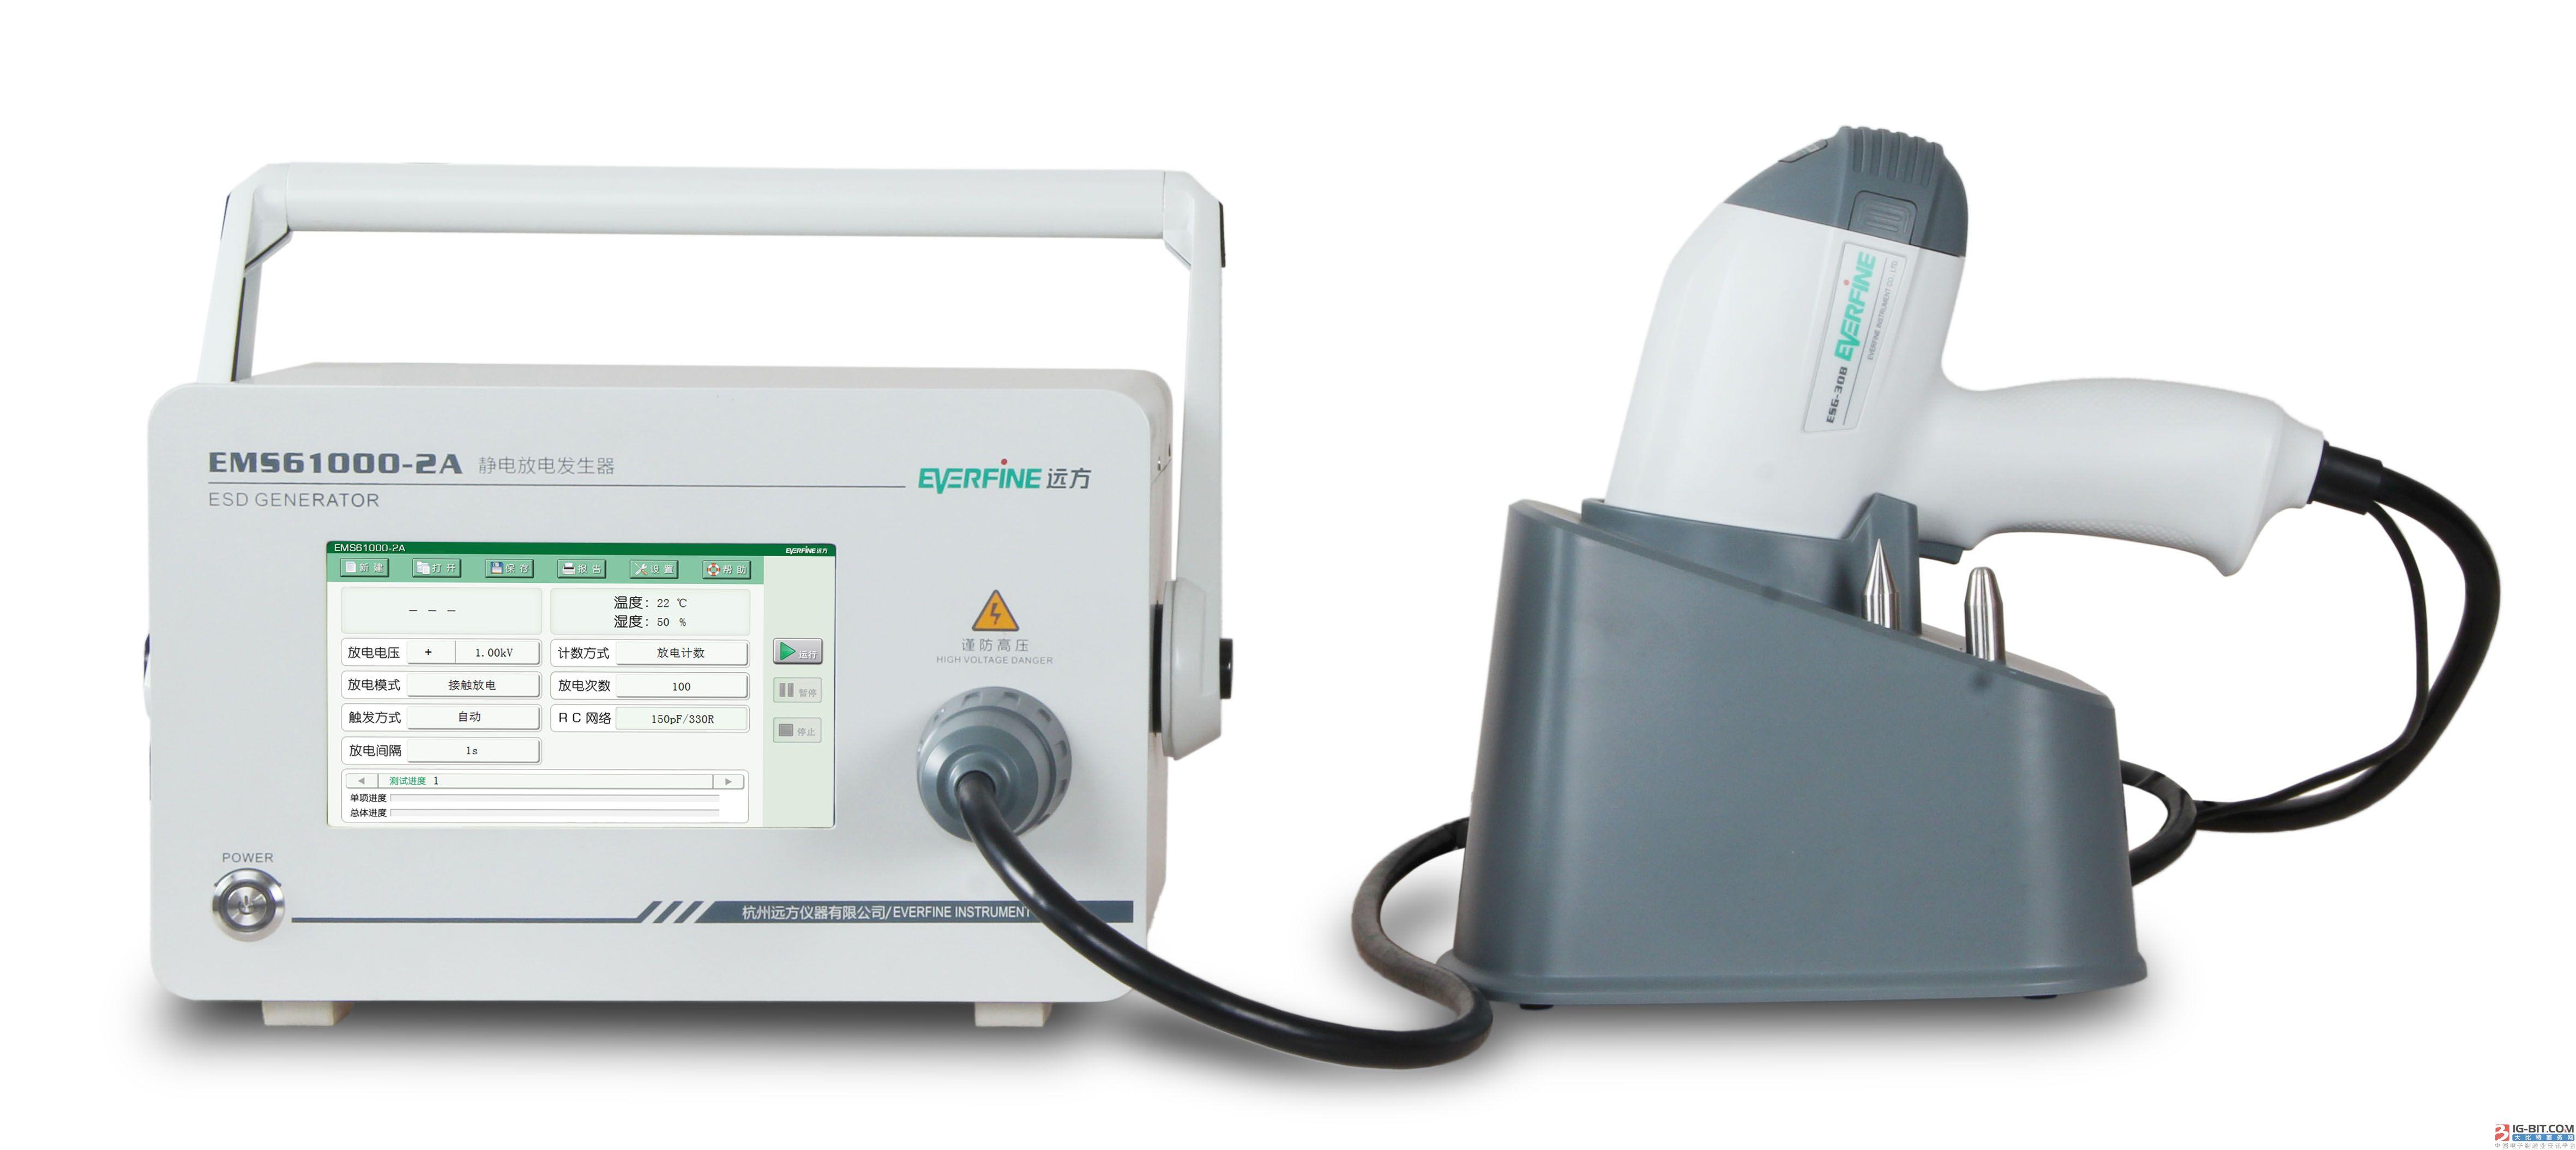 EMS61000-2系列静电放电发生器